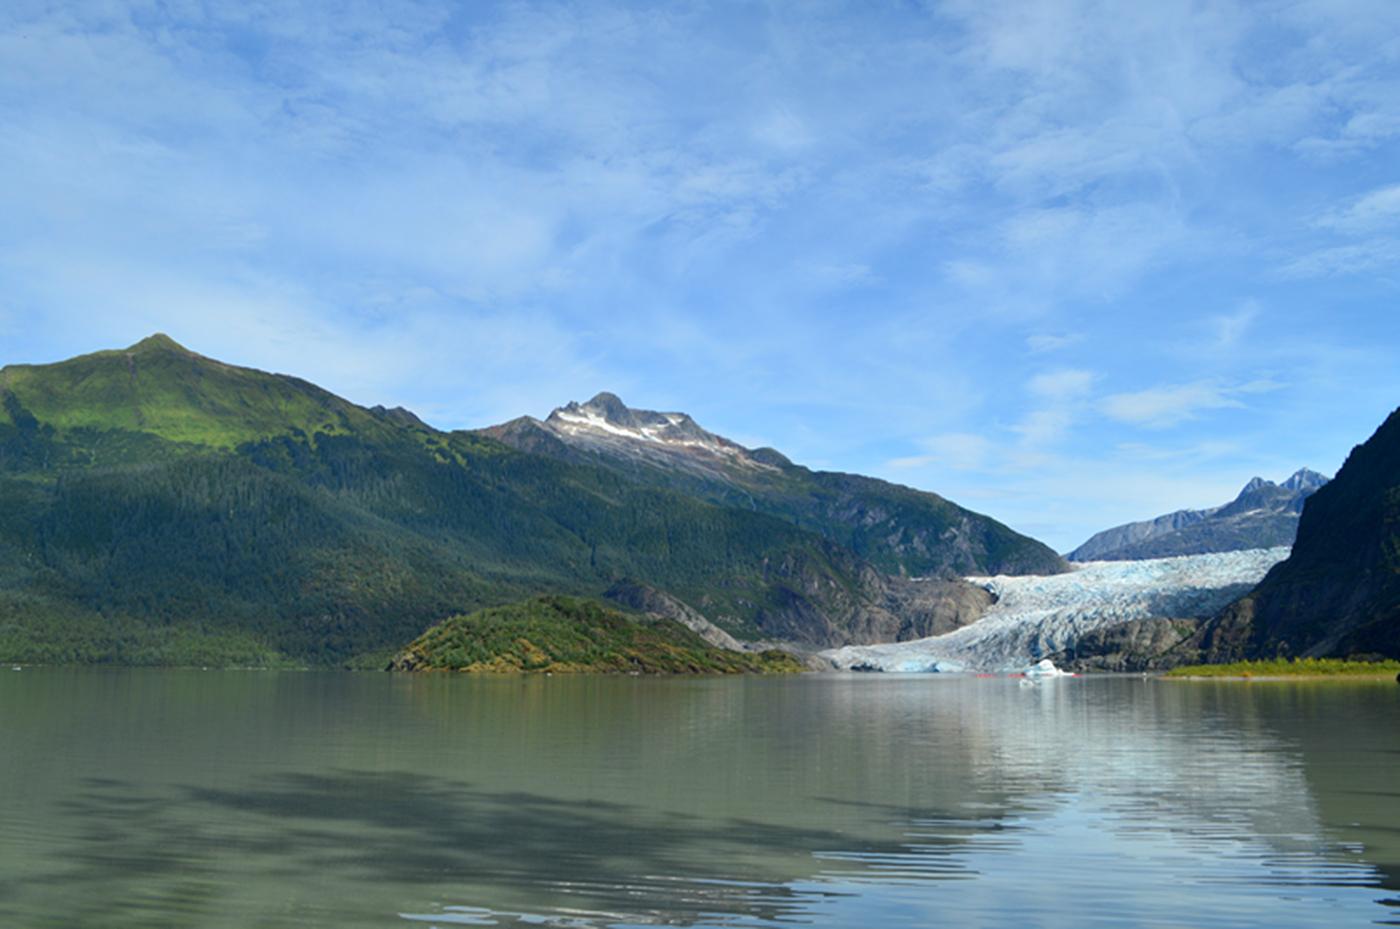 阿拉斯加,那山、那水、那人……_图1-13